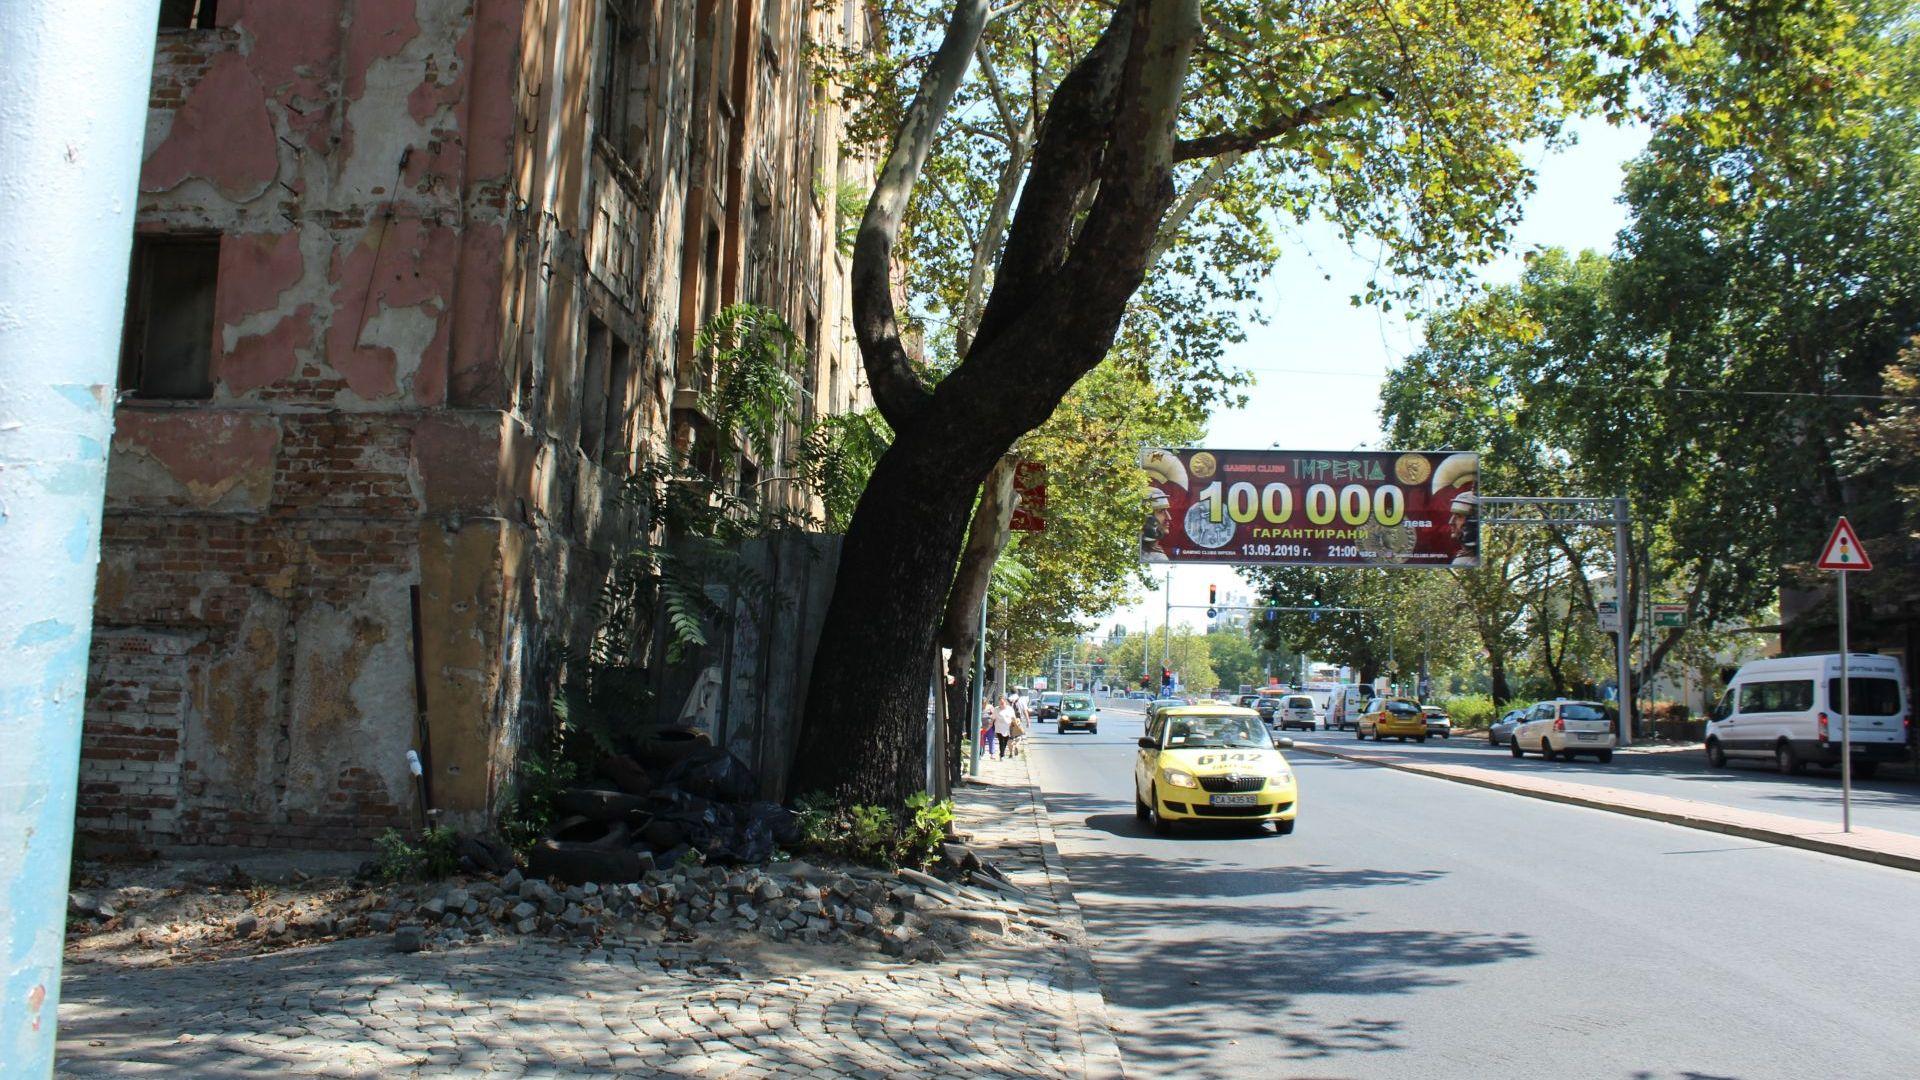 Затварят частично булевард в Пловдив заради опасна сграда от Тютюневия склад